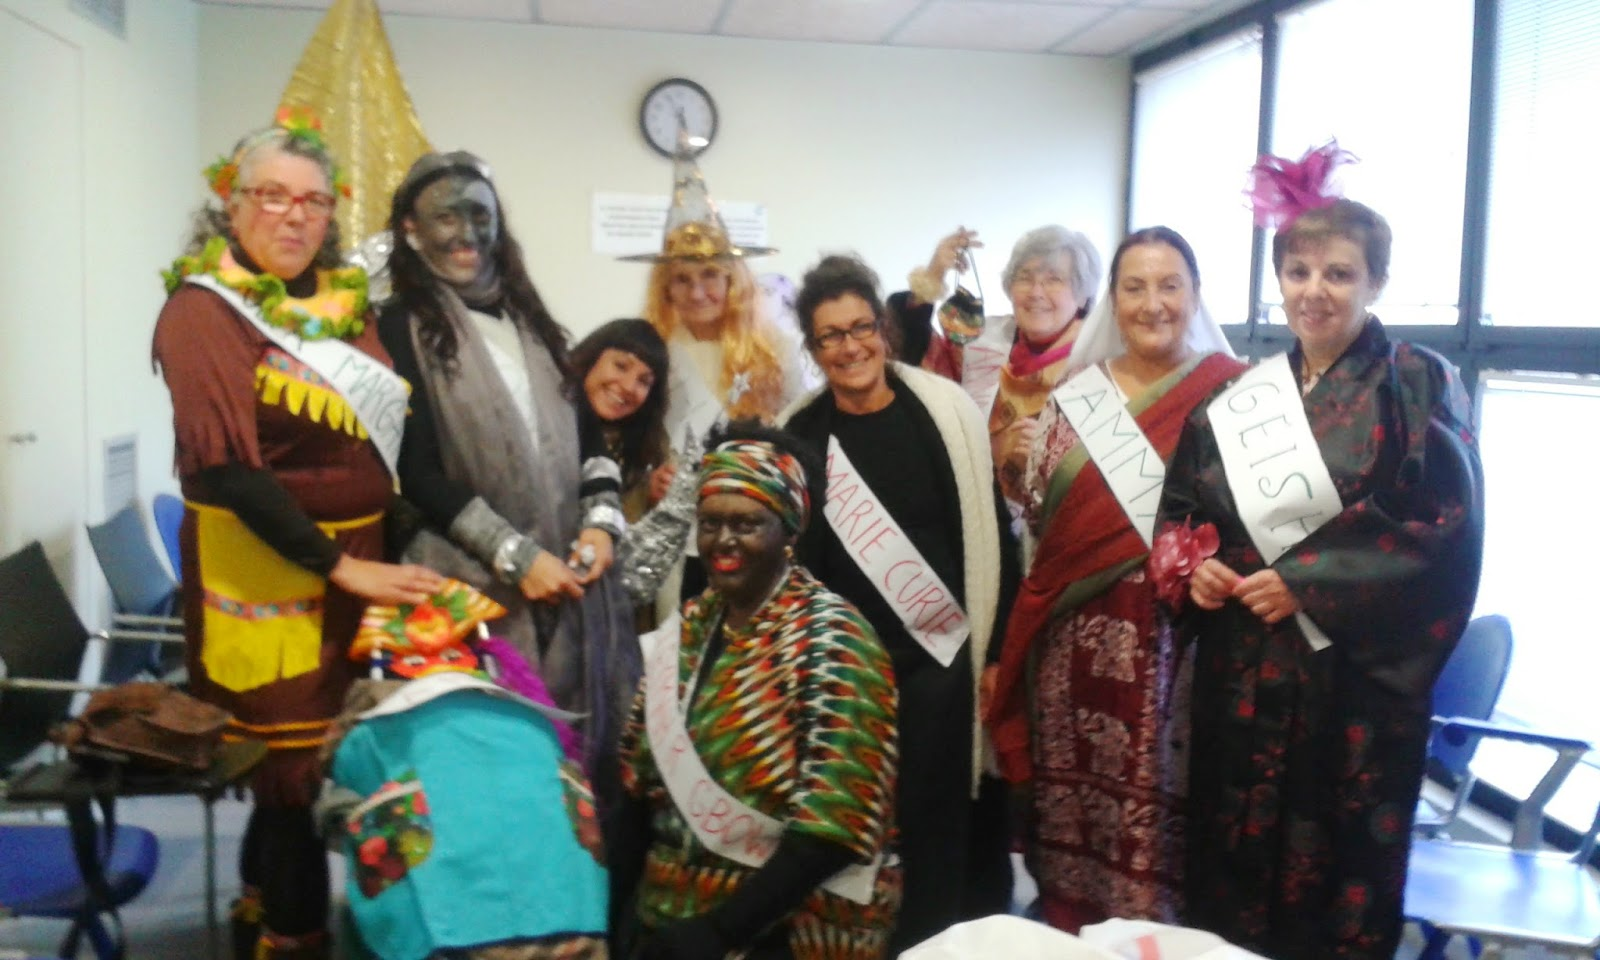 Crnaval 2016 DONAT es una sección dedicada a las mujeres de deixalatevaempremta.org